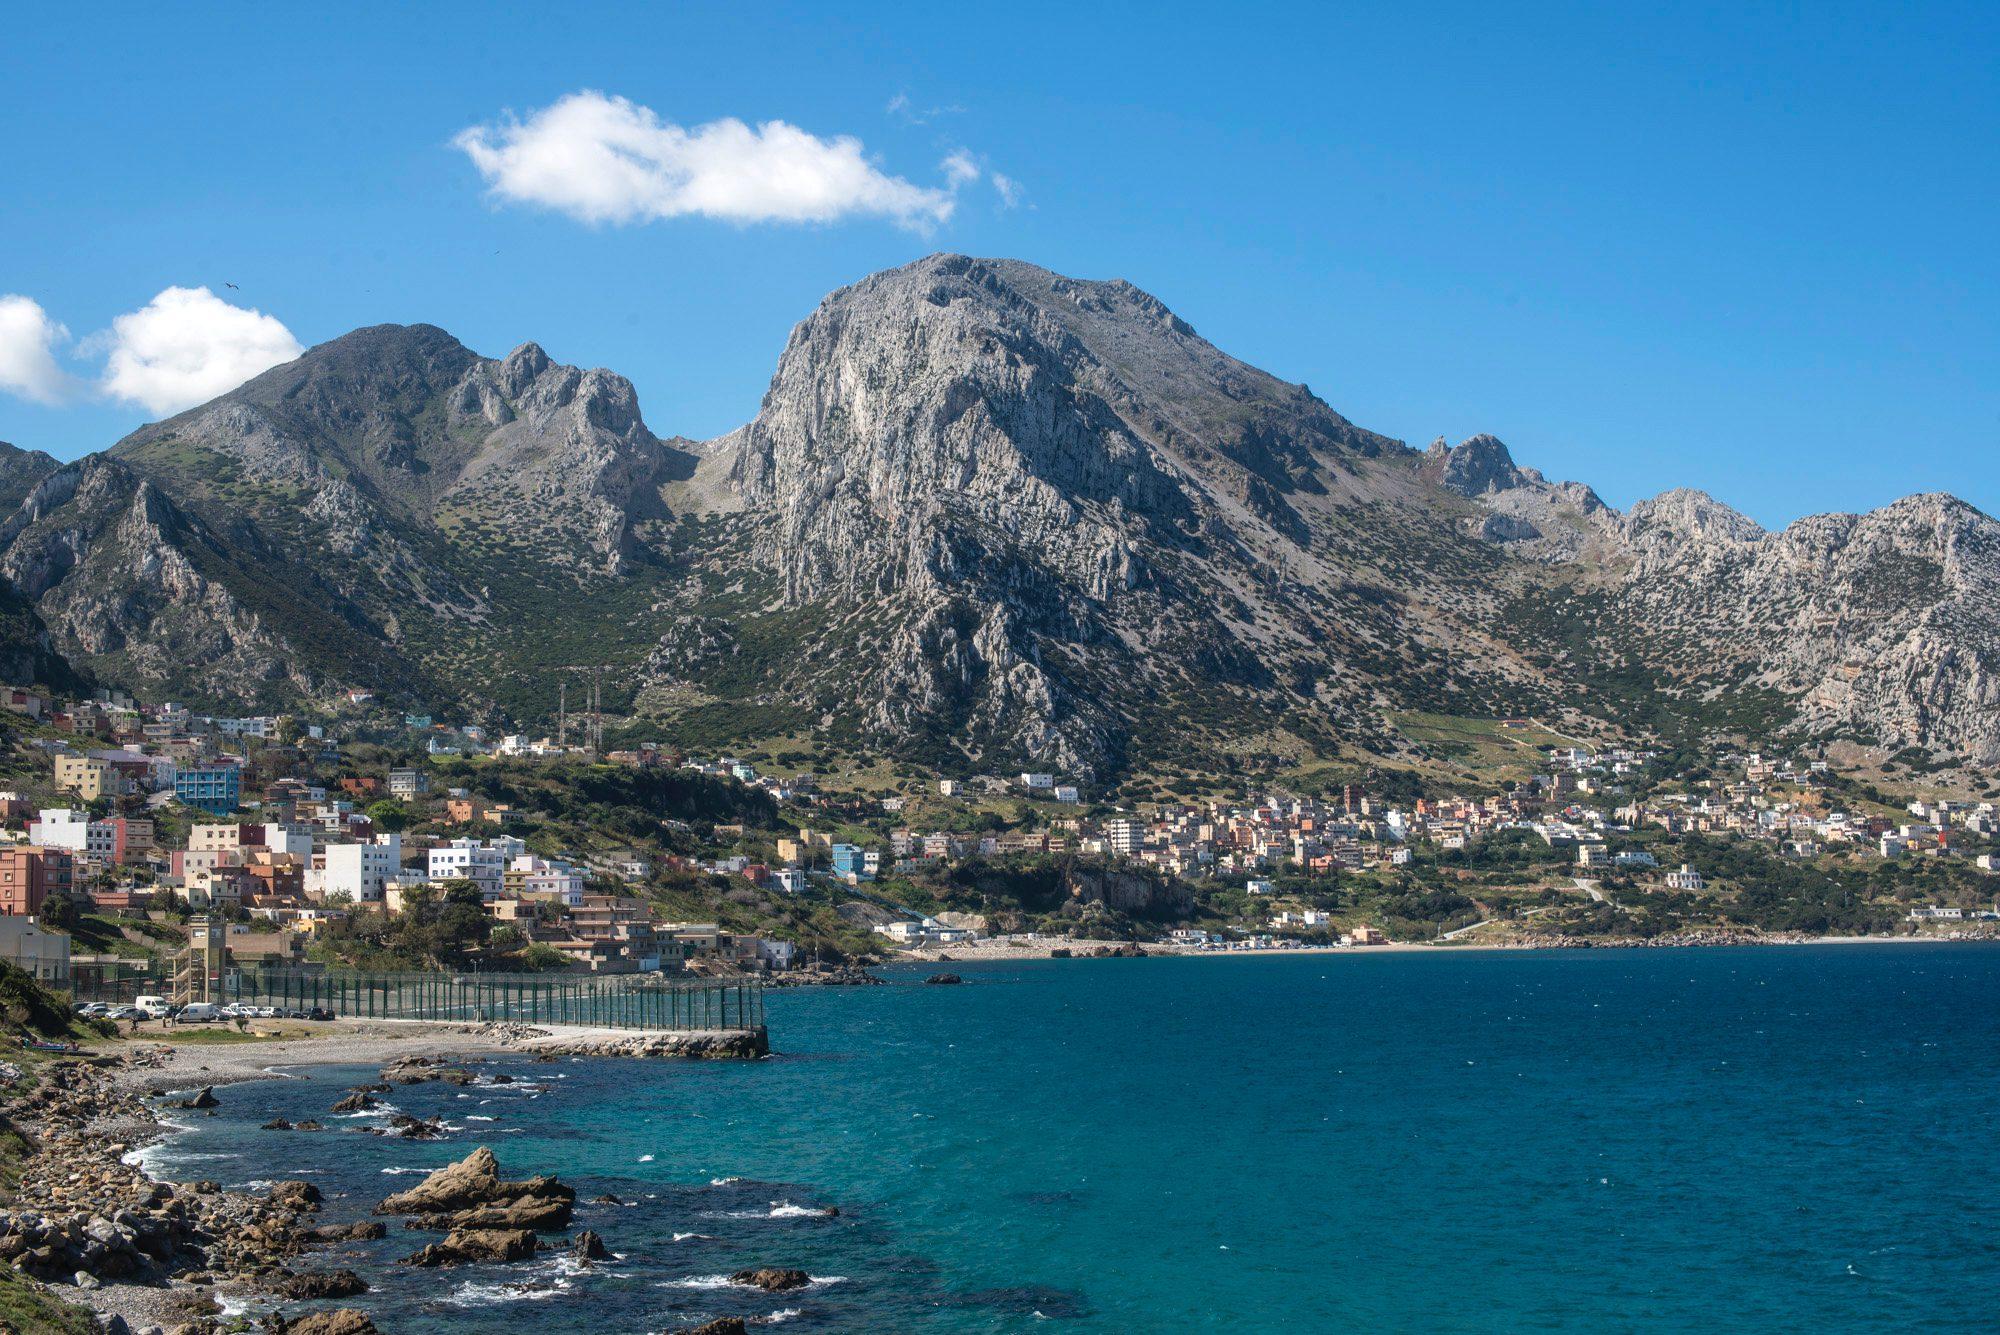 Mirador de Ceuta: La Mujer Muerta desde Benzú